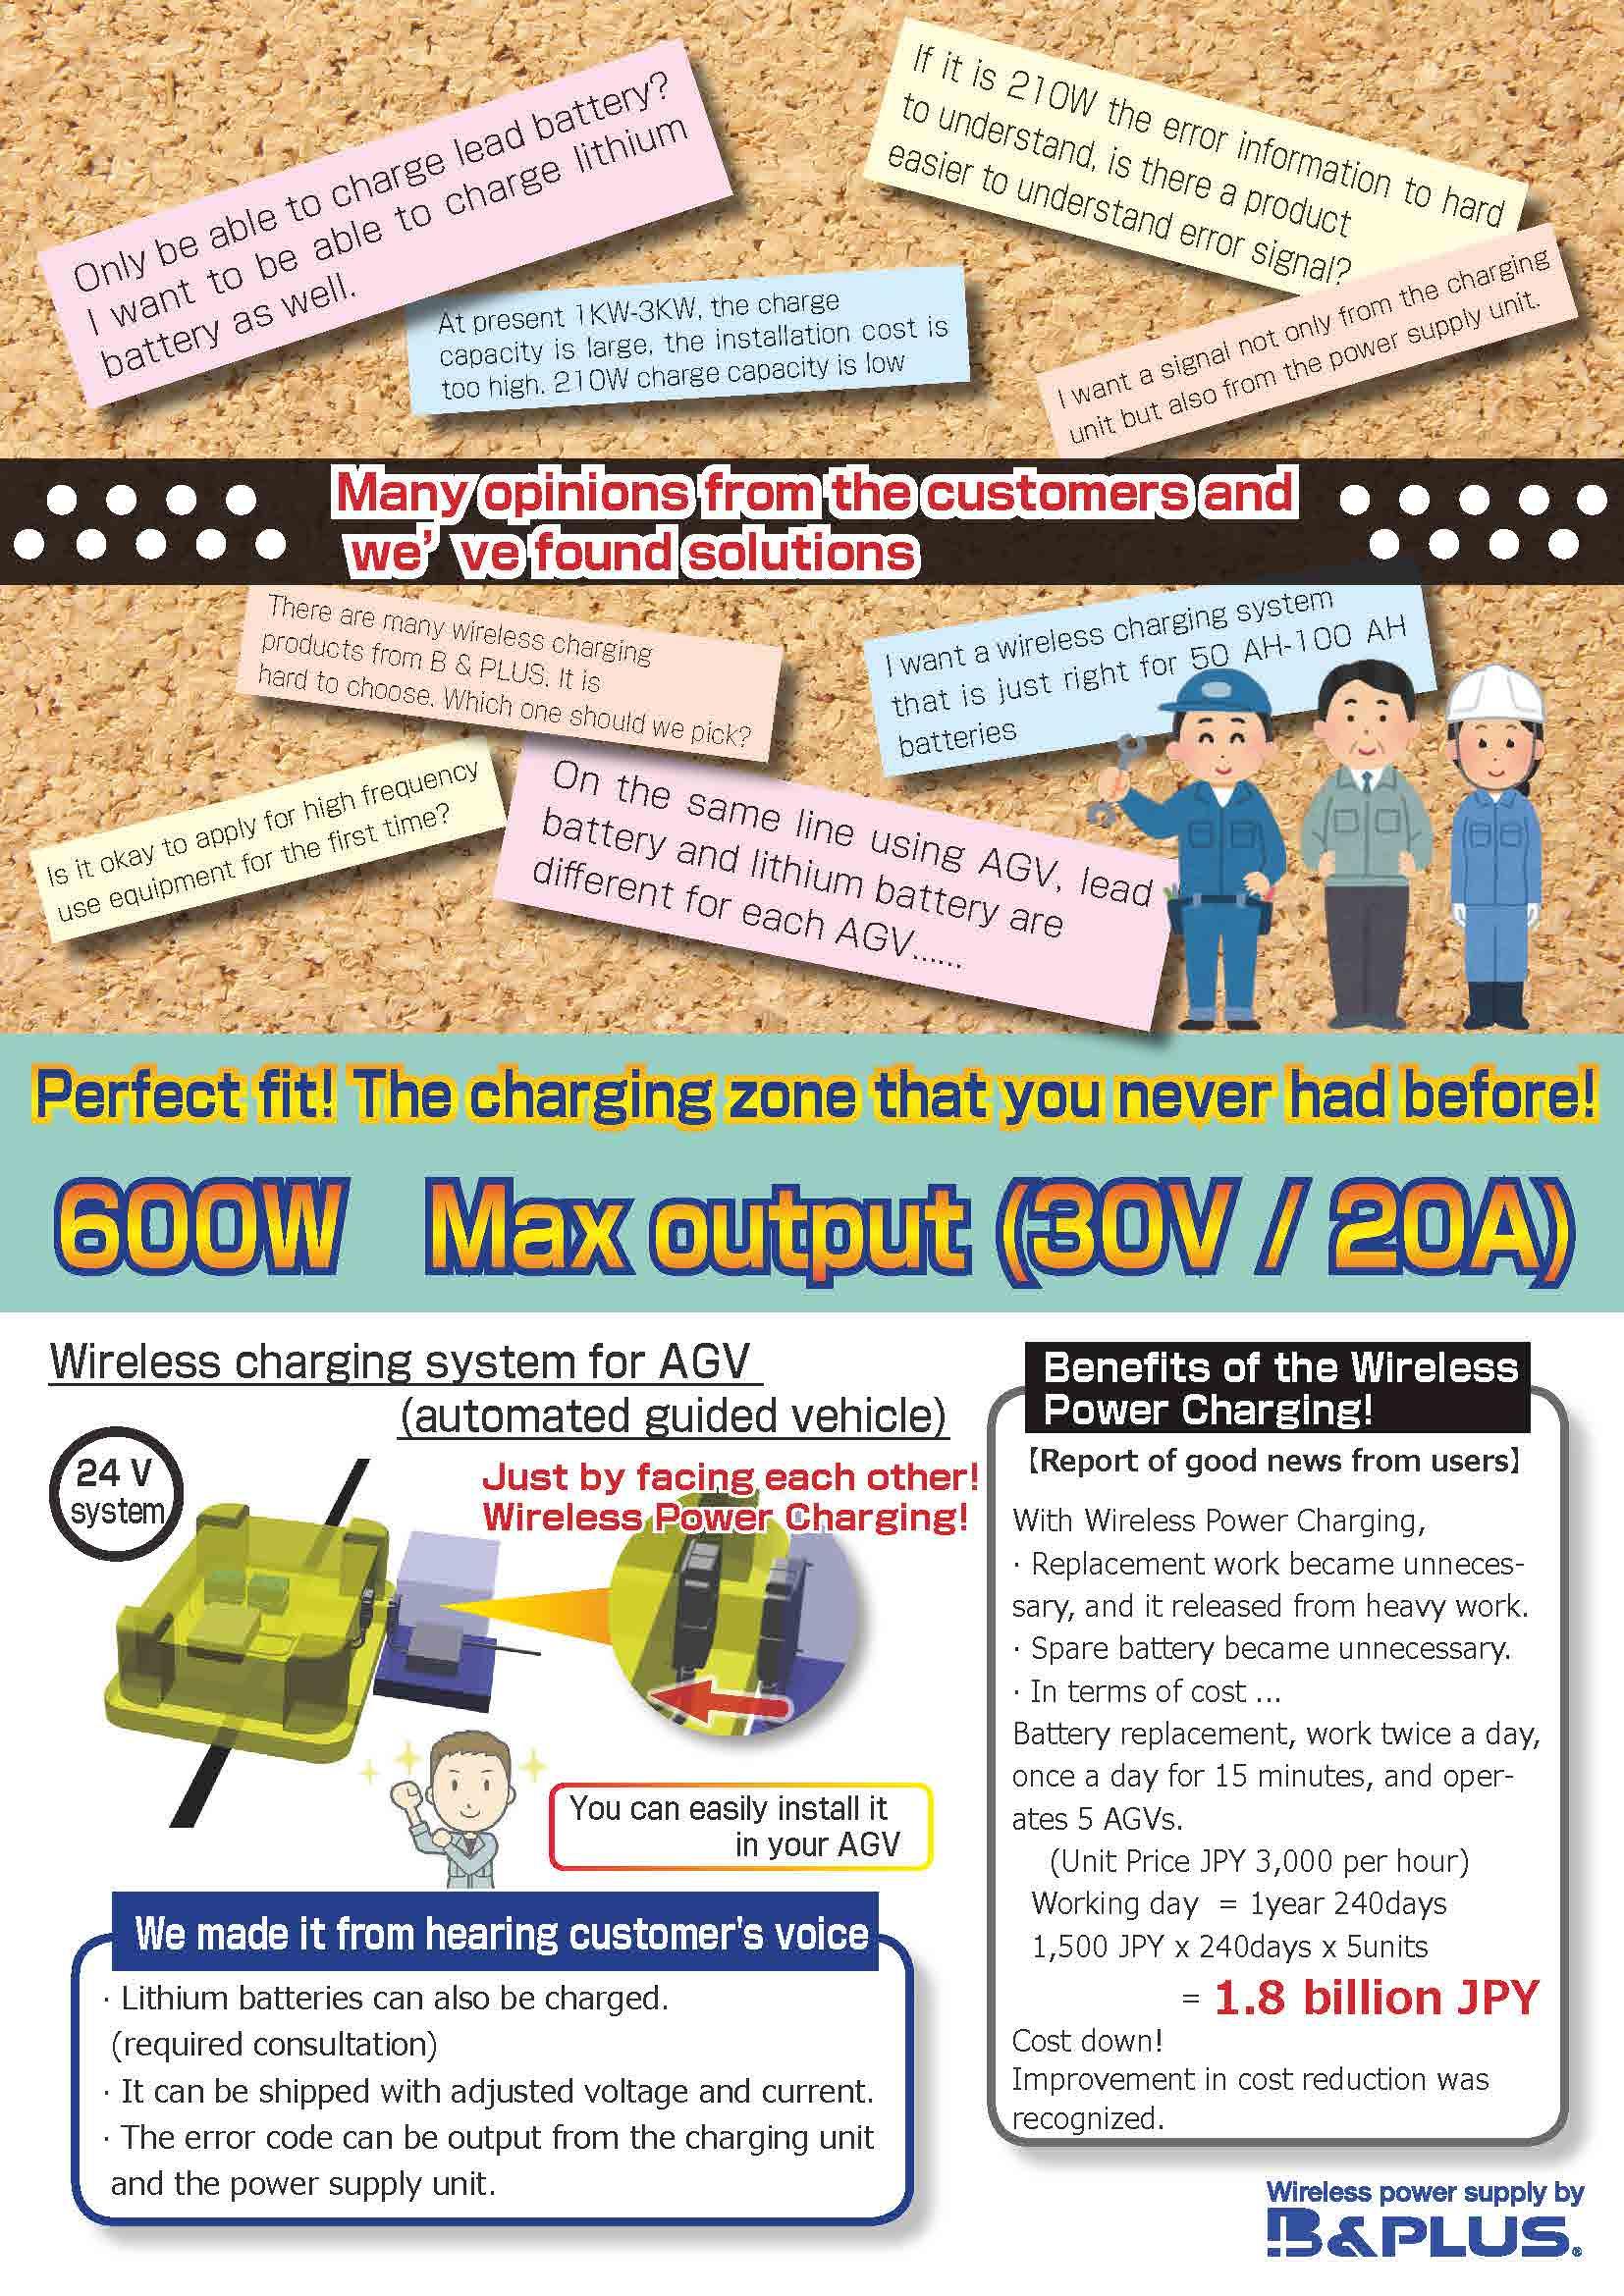 600w wireless power charging